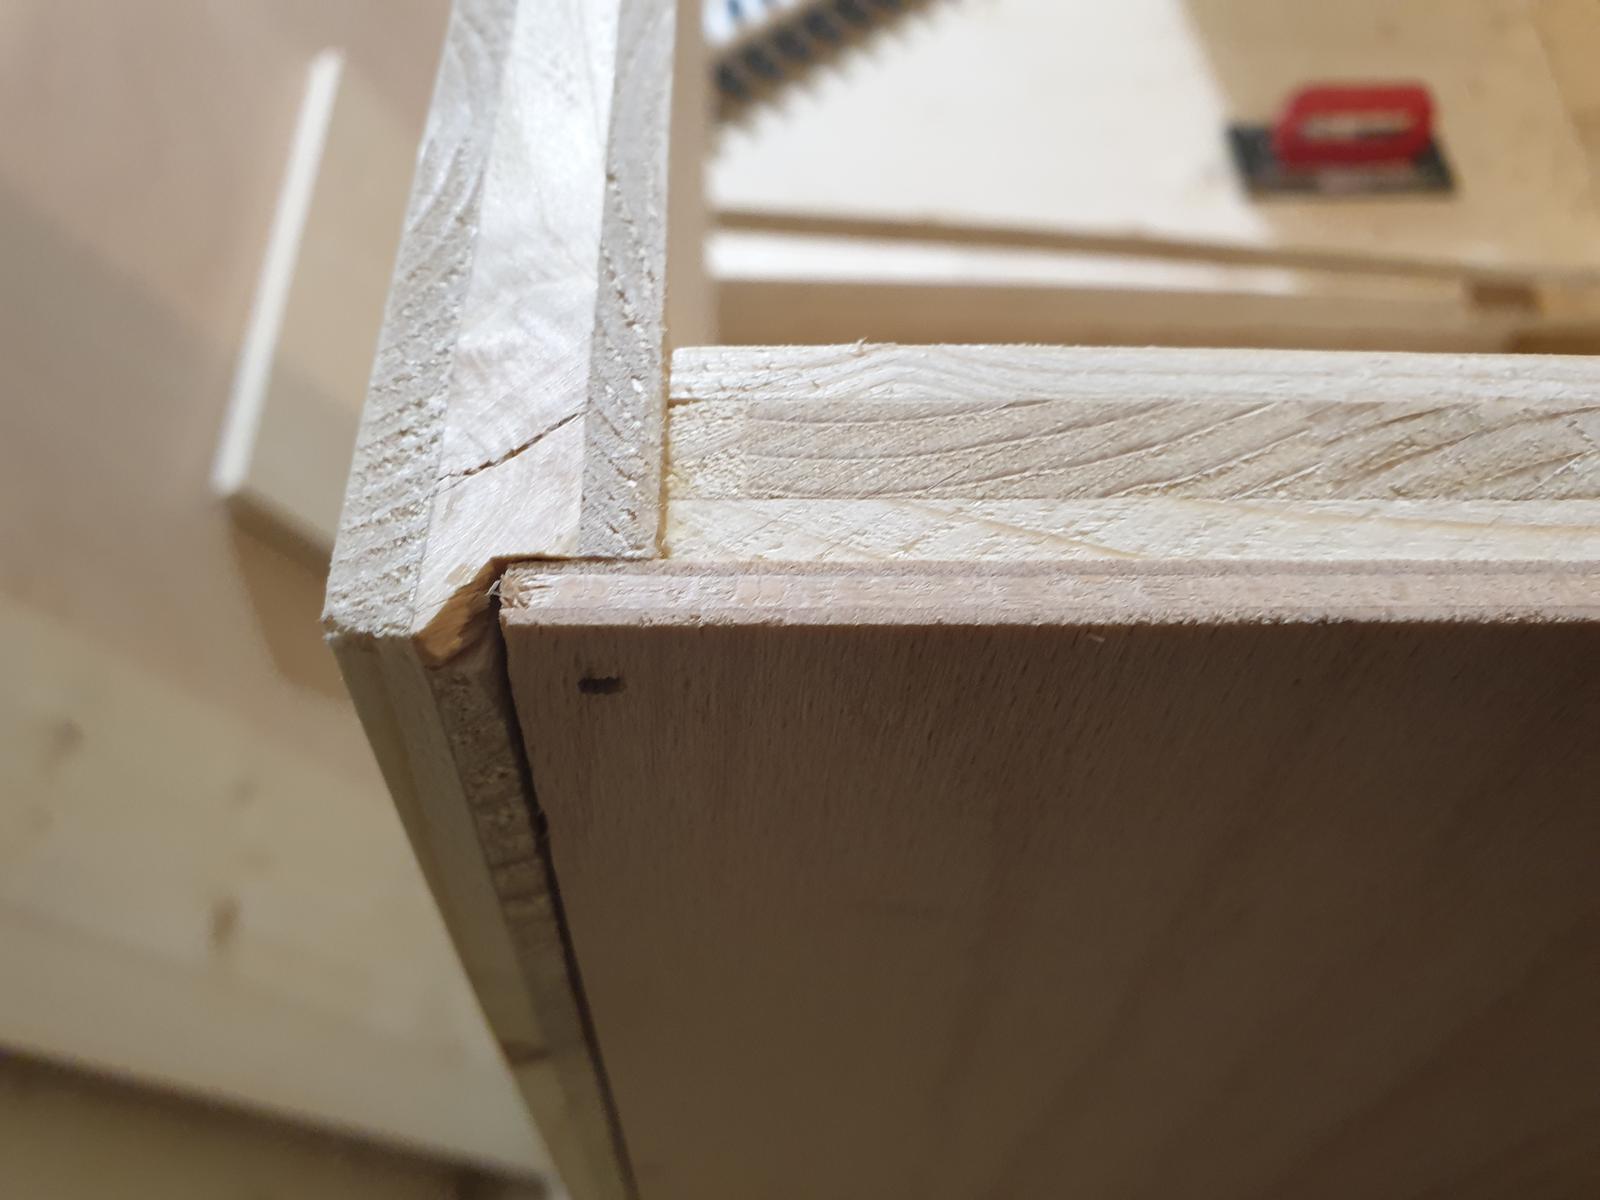 Kuchyňa svojpomocne - Detail zapustenia chrbta z preglejky do polodrážky v korpuse. Prichytené sponkovačkou